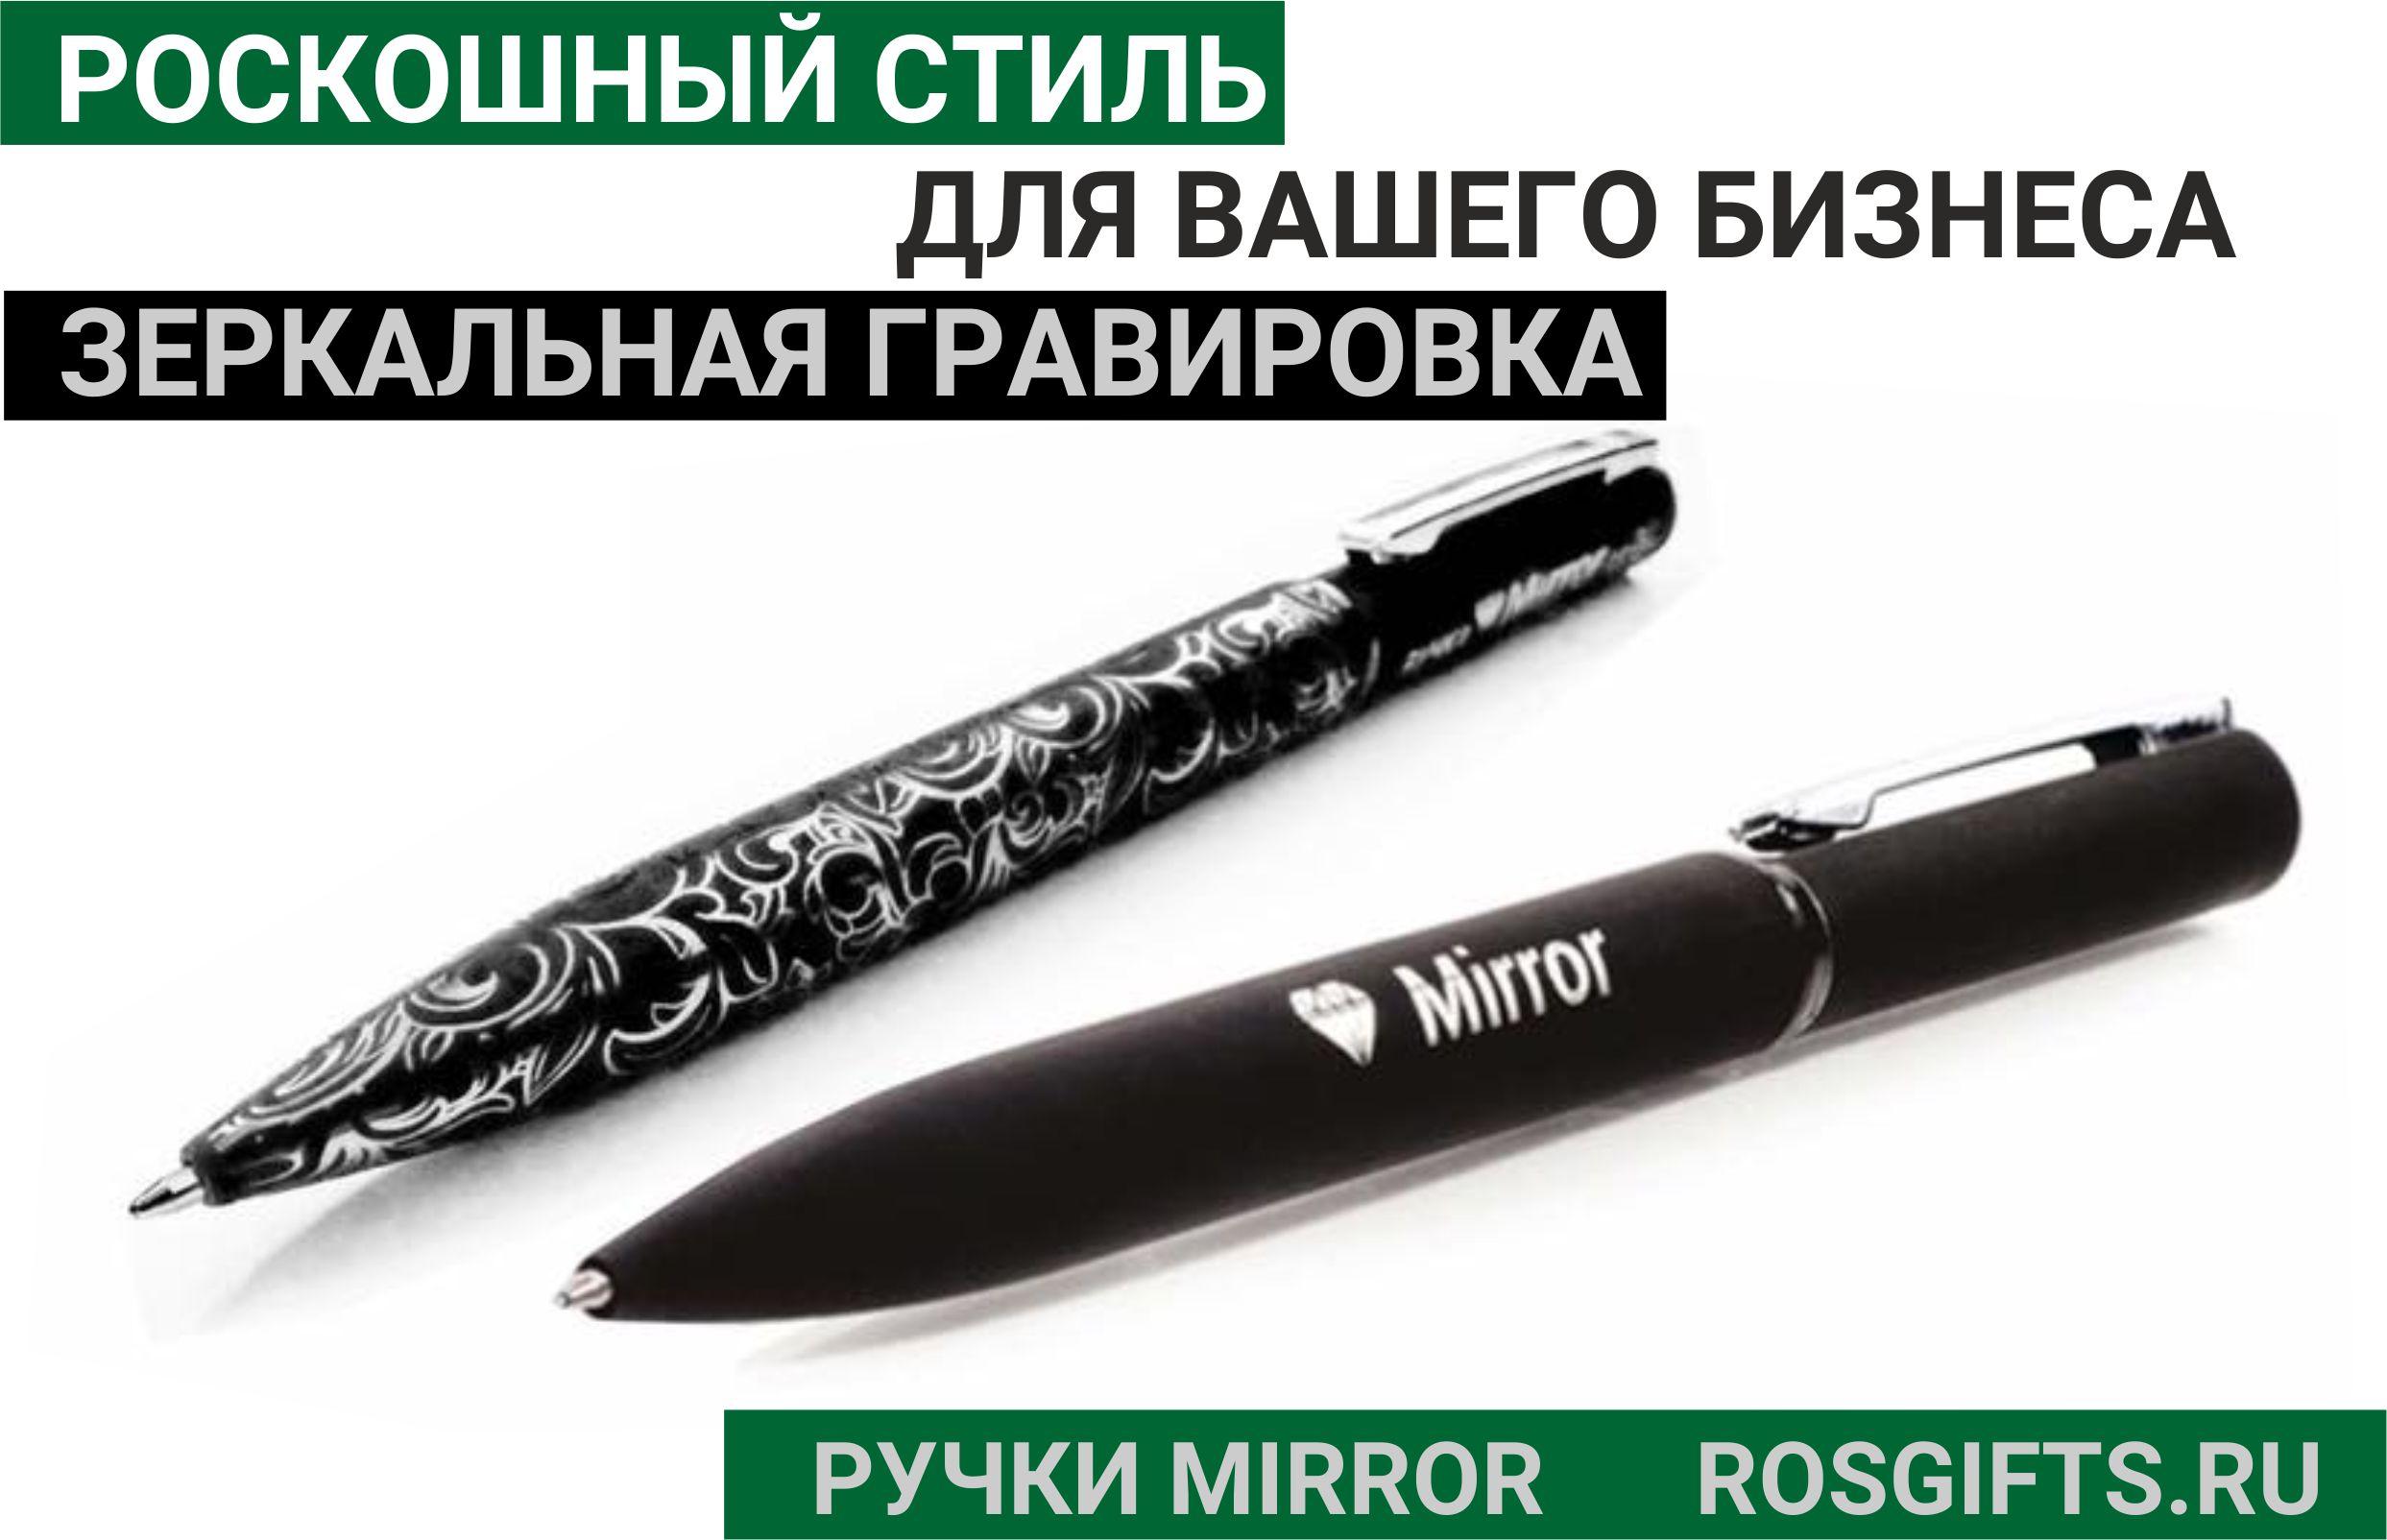 ручки mirror